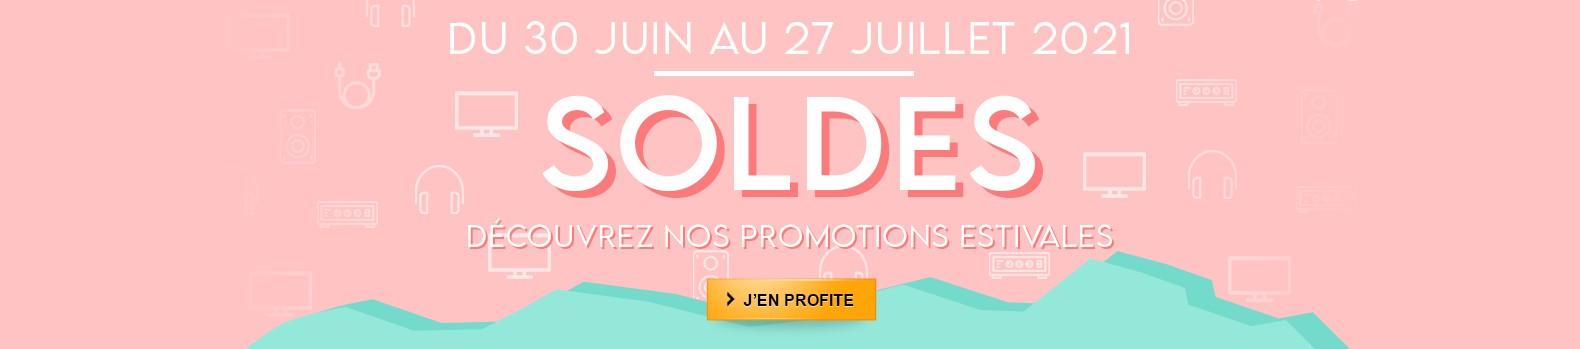 Toutes nos offres promos pour les soldes d'été jusqu'au 27 Juillet 2021